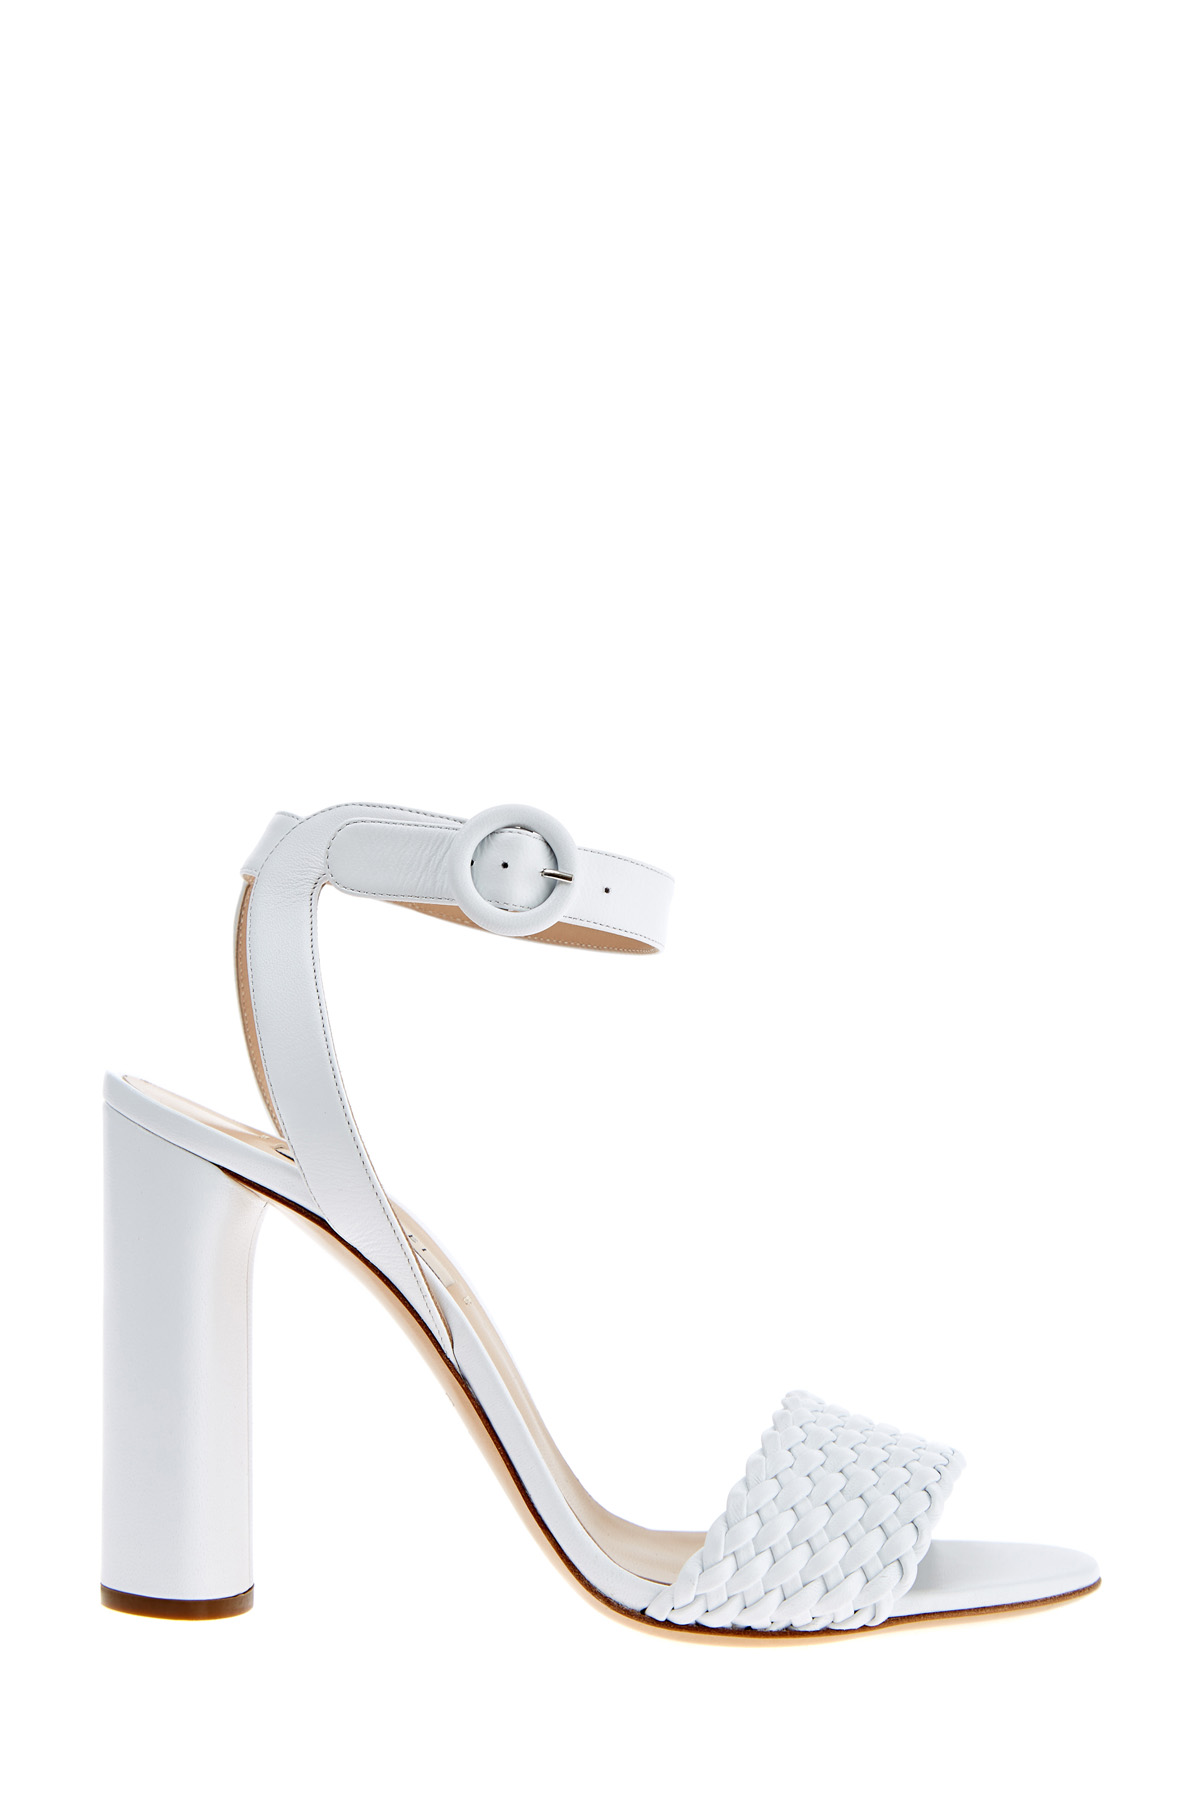 Босоножки Tresse с плетеной отделкой на каблуке овальной формы